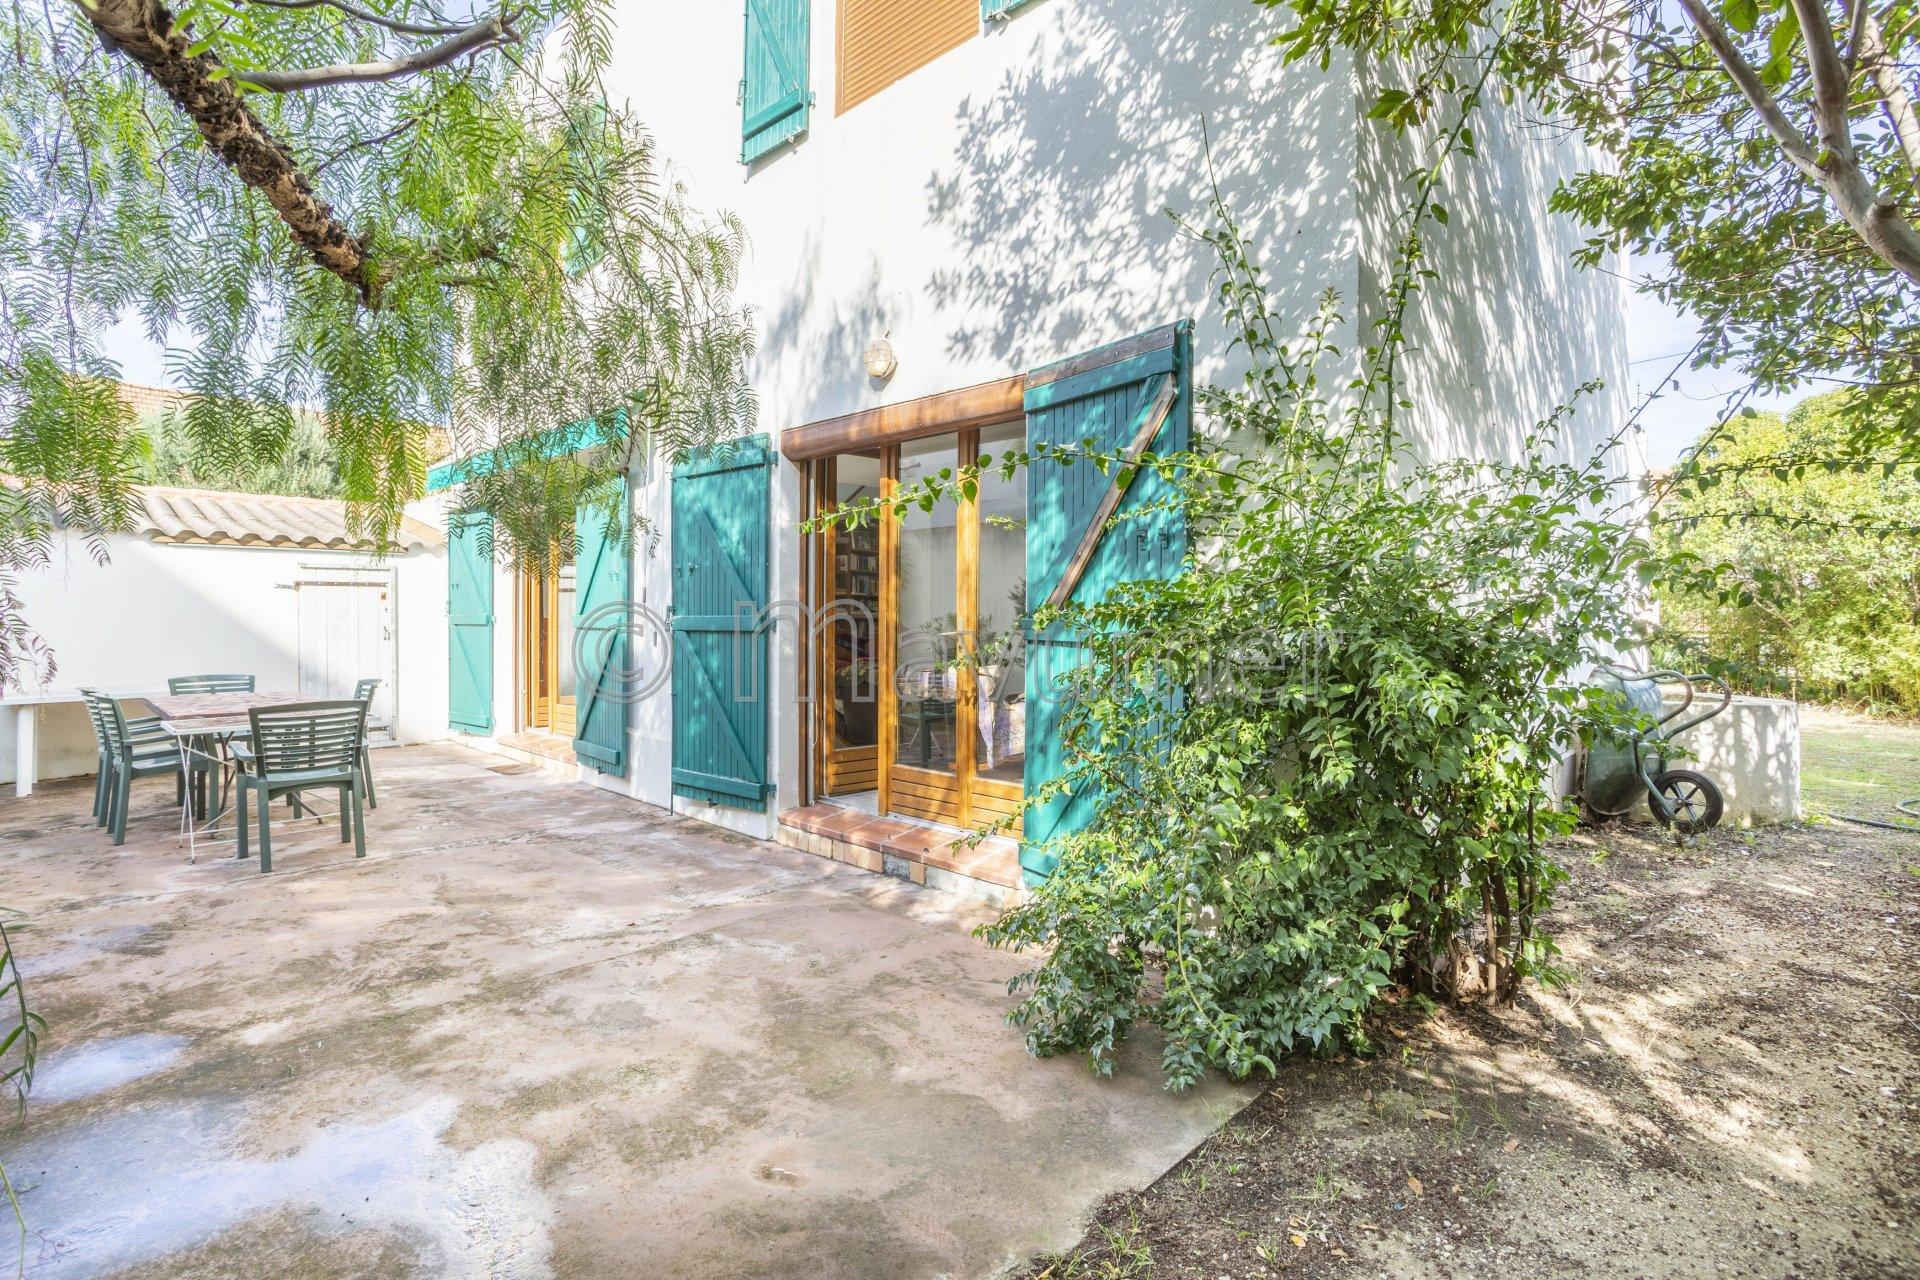 Maison T6 avec jardin -13009 Marseille St Marguerite